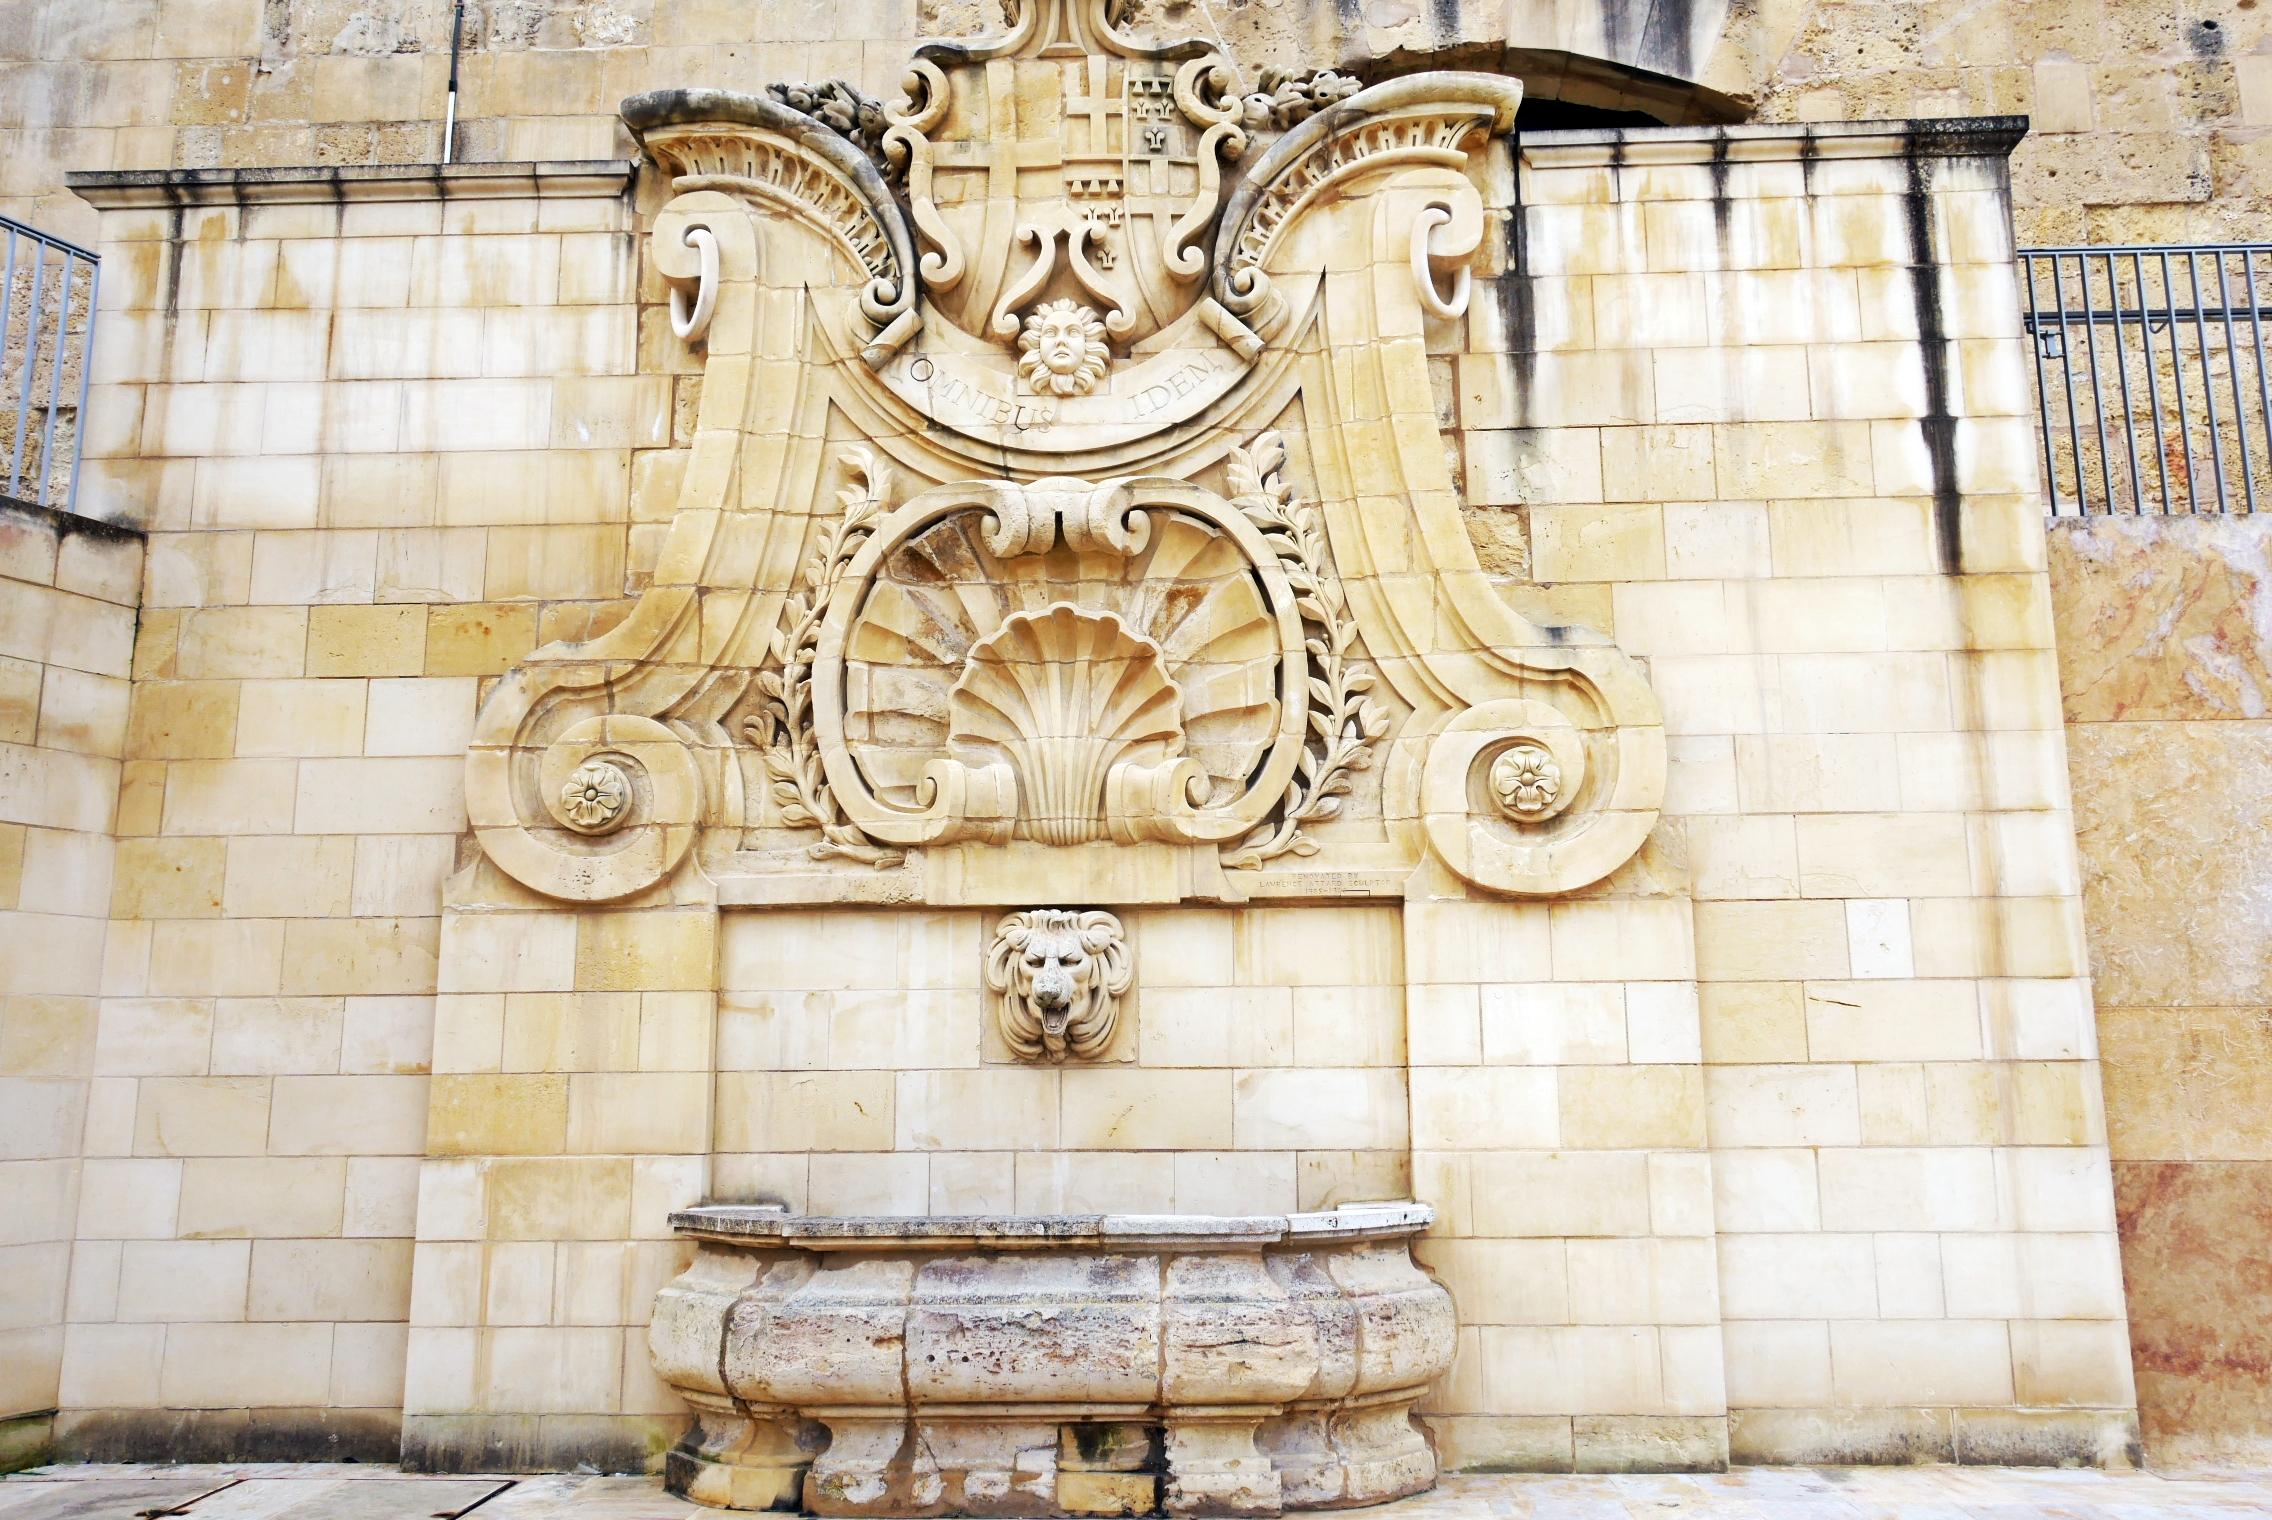 『歐洲。地中海』 馬爾他首都 瓦萊塔Valletta|是歐洲名城也是世界上最小的首都之一  世界上最集中的歷史文化區  尊貴的金色騎士之城|2019/0313-0318 歐洲馬爾他六天五夜之旅